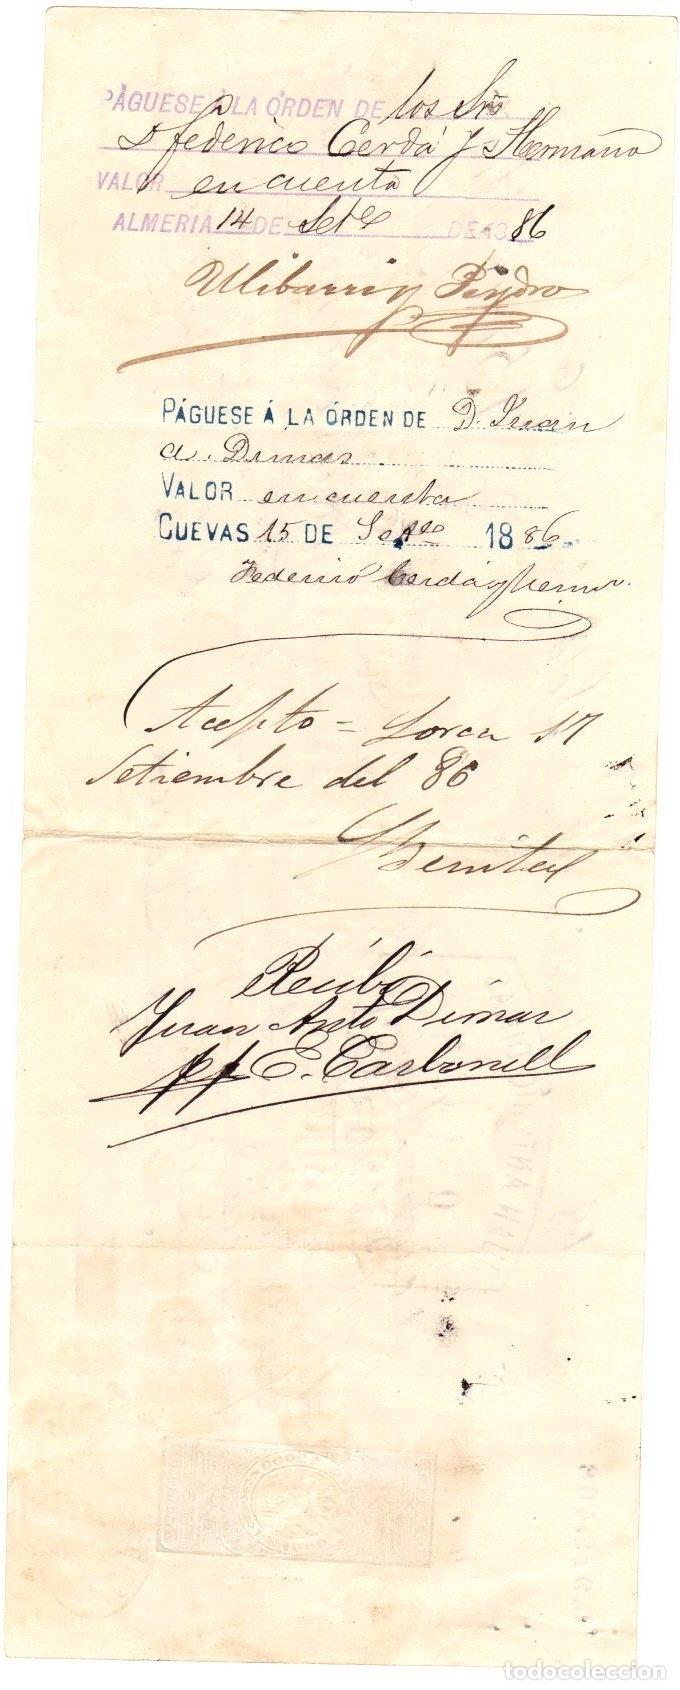 Documentos bancarios: LETRA DE CAMBIO. ALMERIA, 14 DE SETIEMBRE DE 1886 - Foto 2 - 108984639